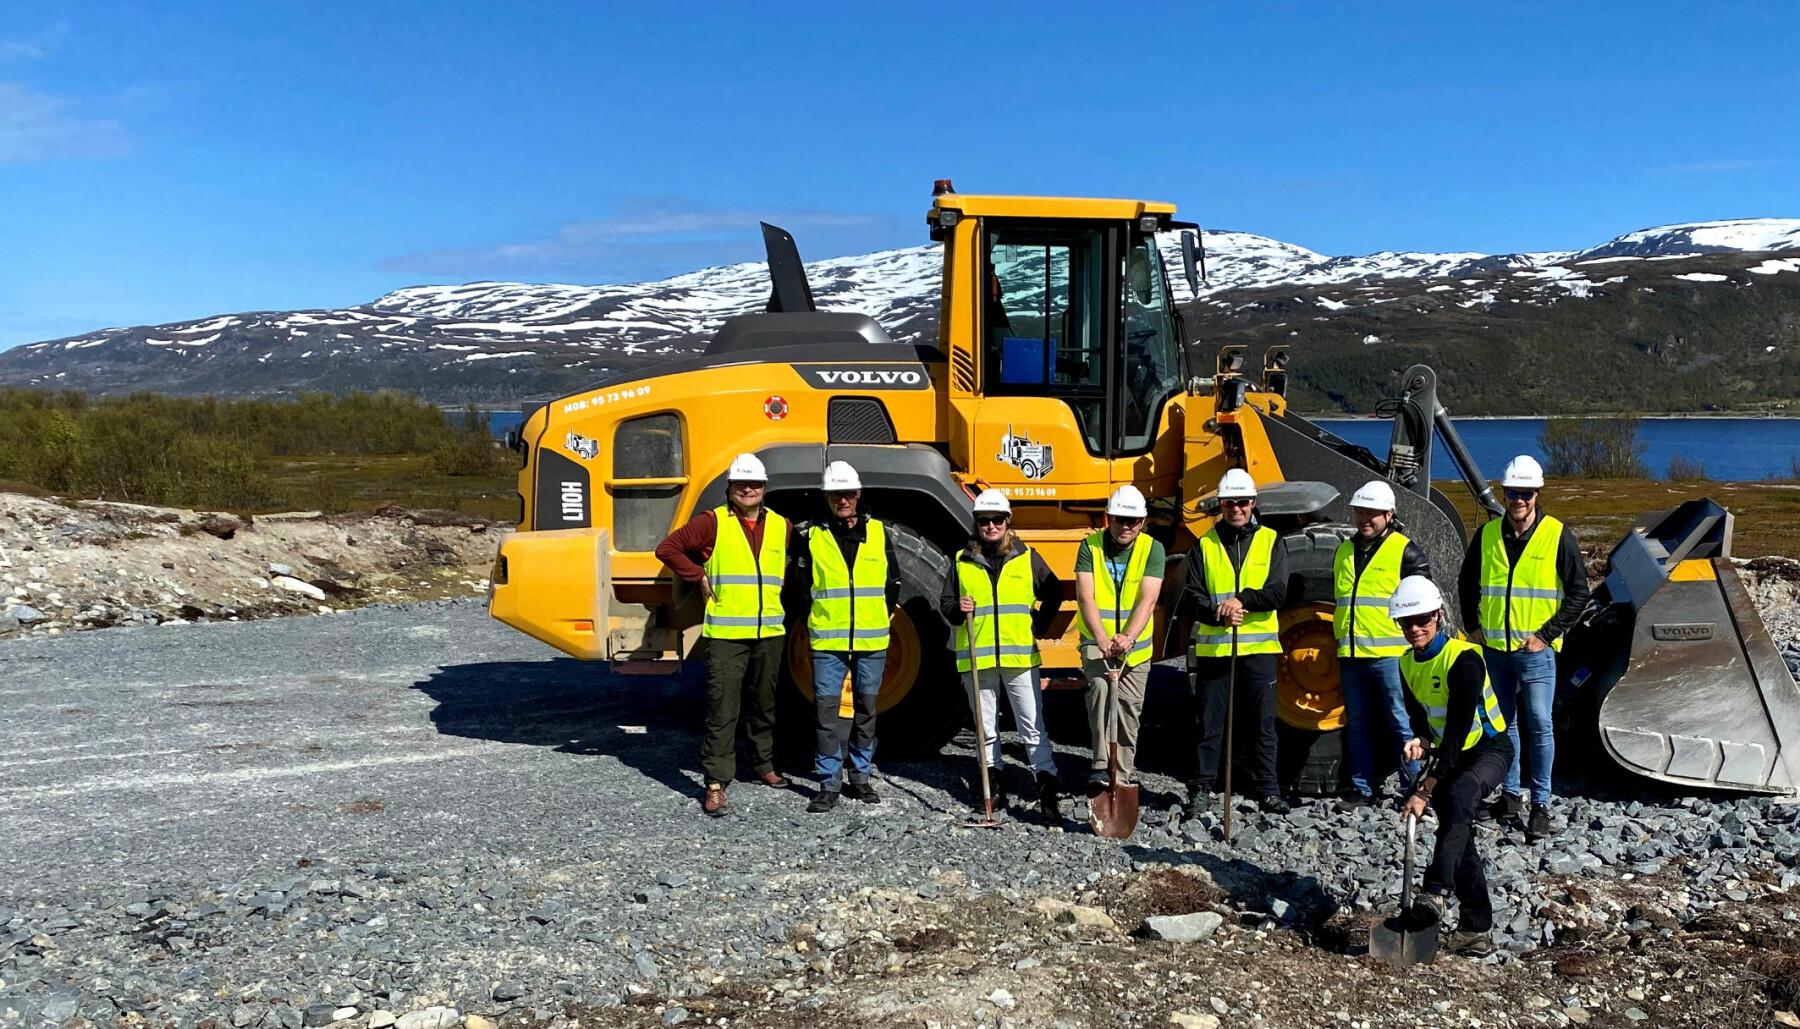 Nussir er klare for å grave gruve på Markoppneset ved Repparfjord i Finnmark. Med spaden foran: Administrerende direktør Øystein Rushfeldt.